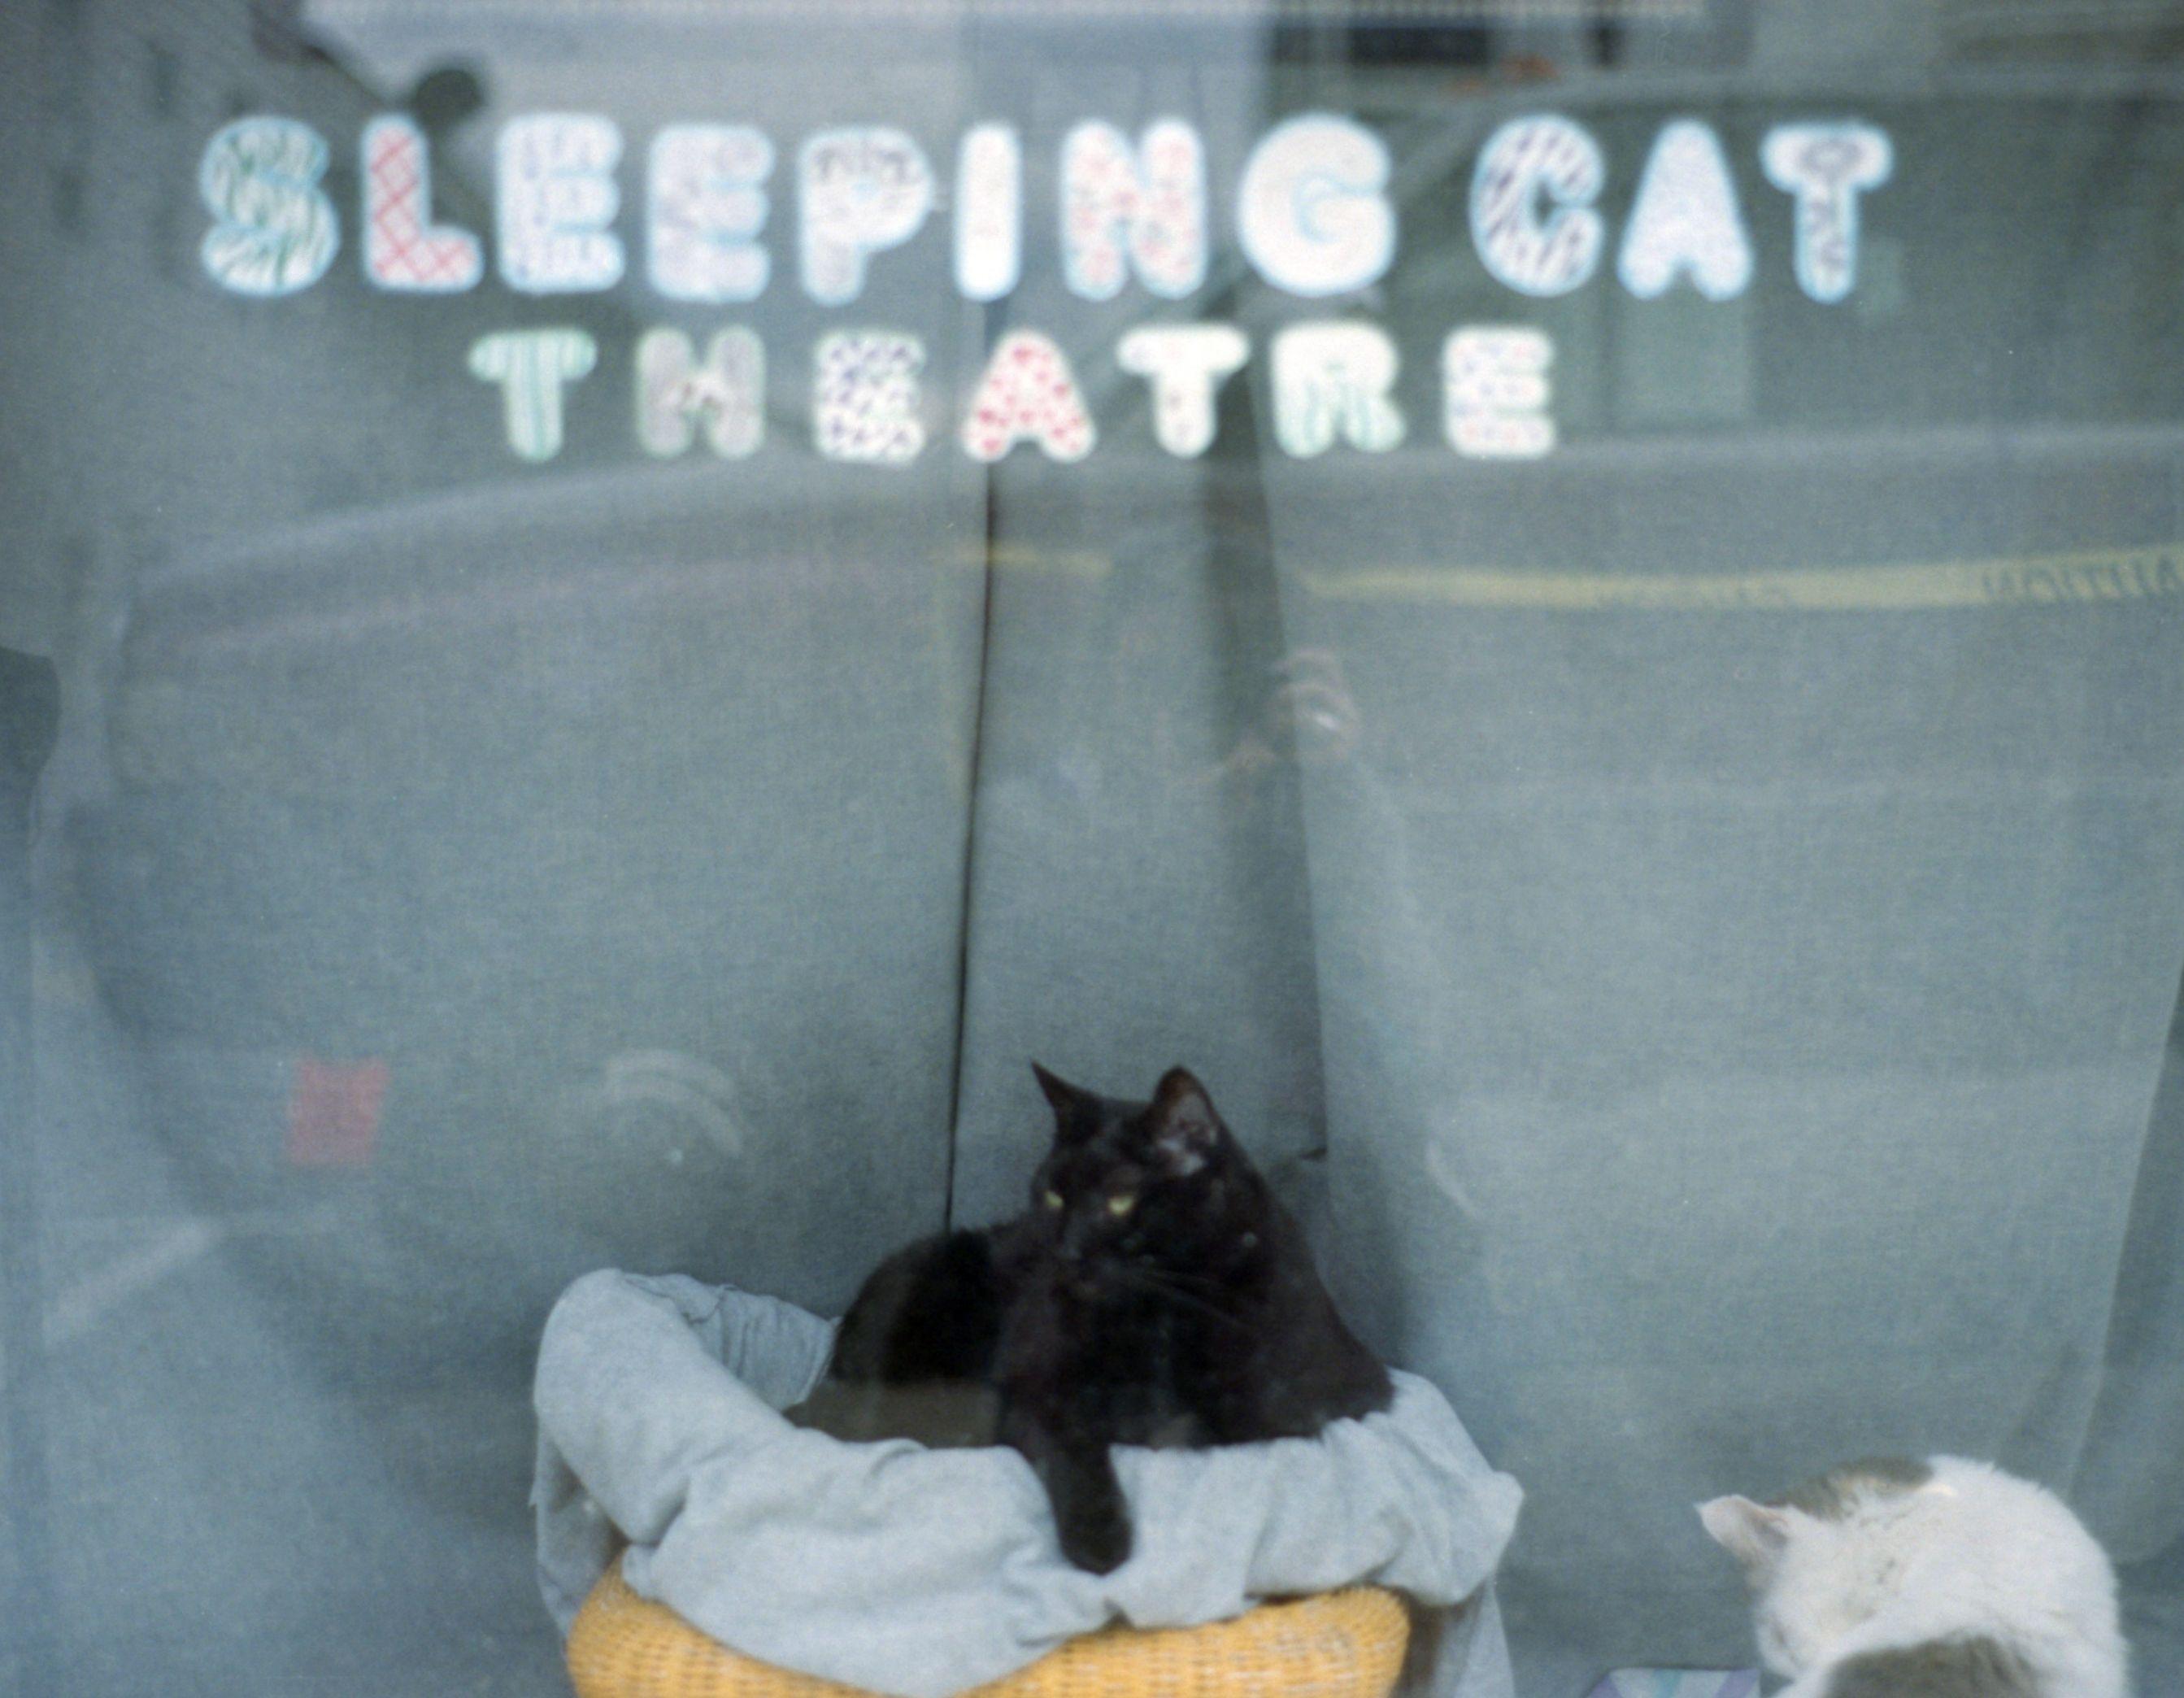 Sleeping cat theater.jpg